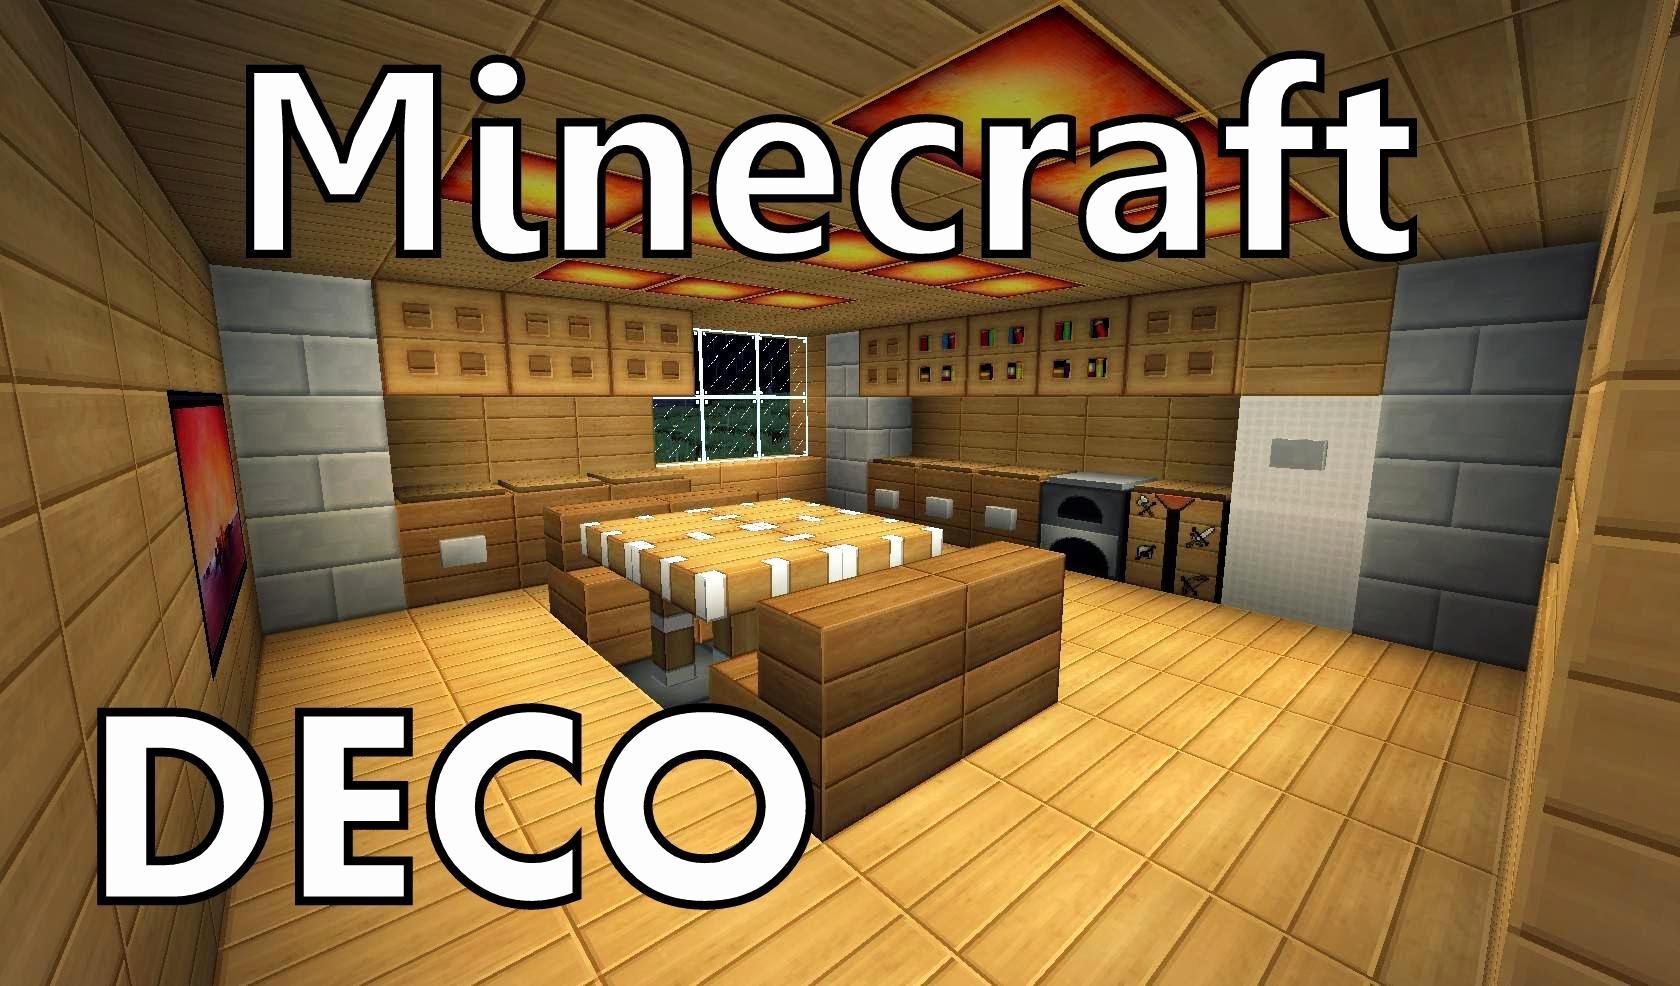 Deco Cuisine Minecraft Frais Photographie Cuisine Moderne Minecraft Meilleur De Idee Deco Pour Un Salon